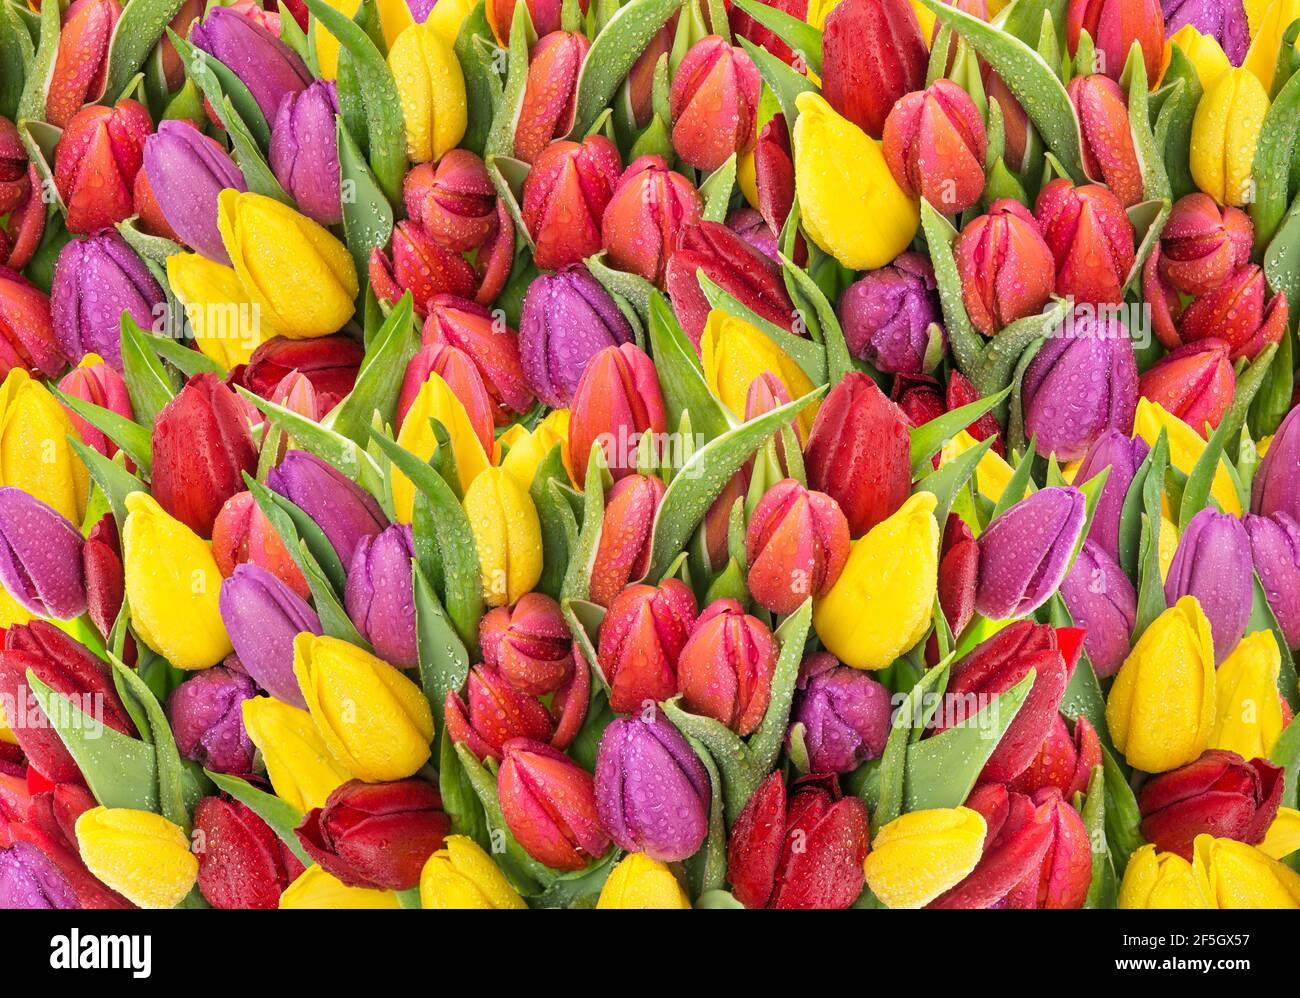 Bouquet de fleurs fraîches de tulipe de printemps avec gouttes d'eau. Fond floral Banque D'Images